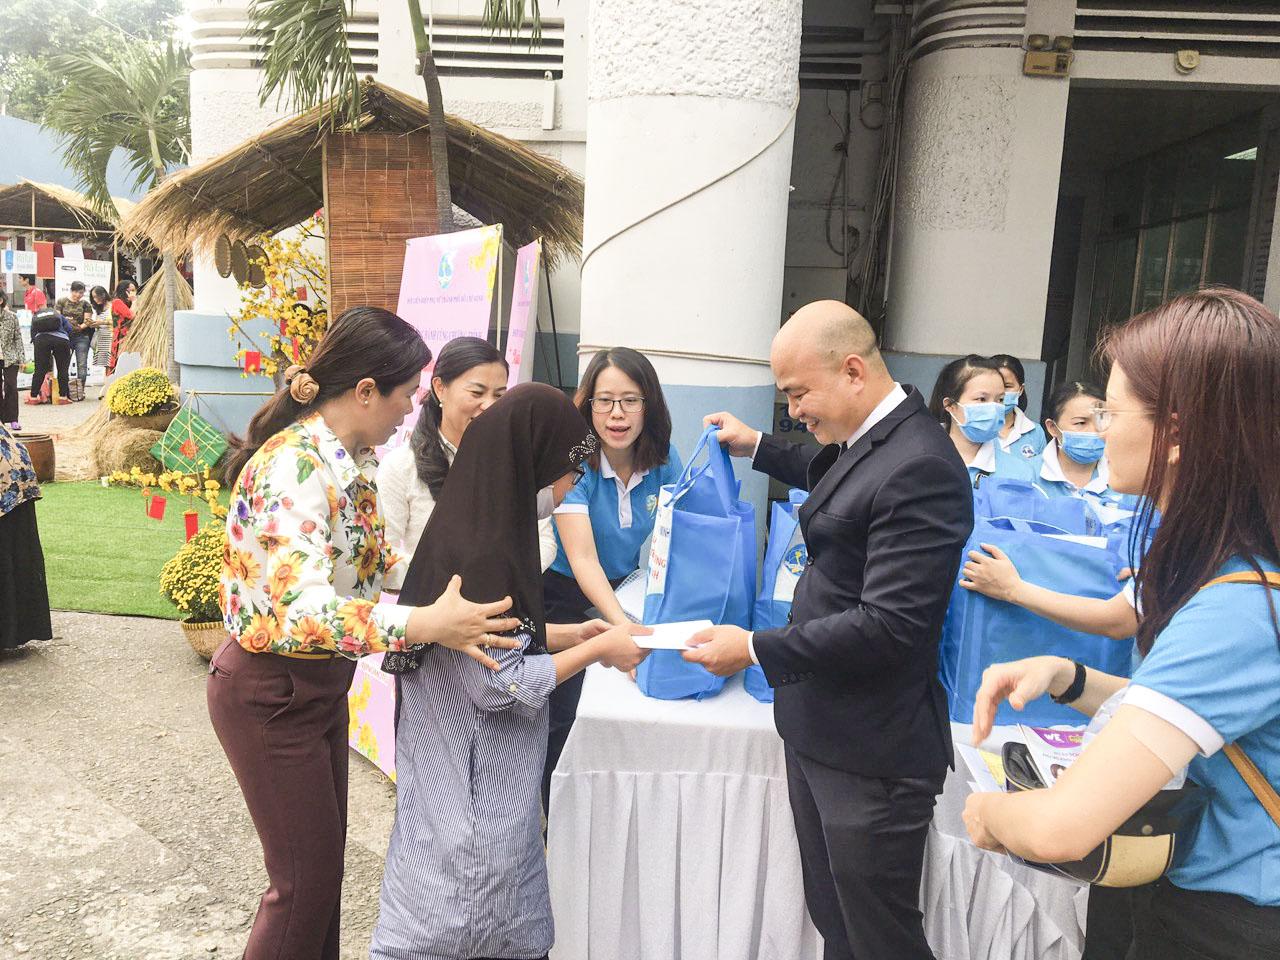 đại diện nha khoa Kim trao tặng quà